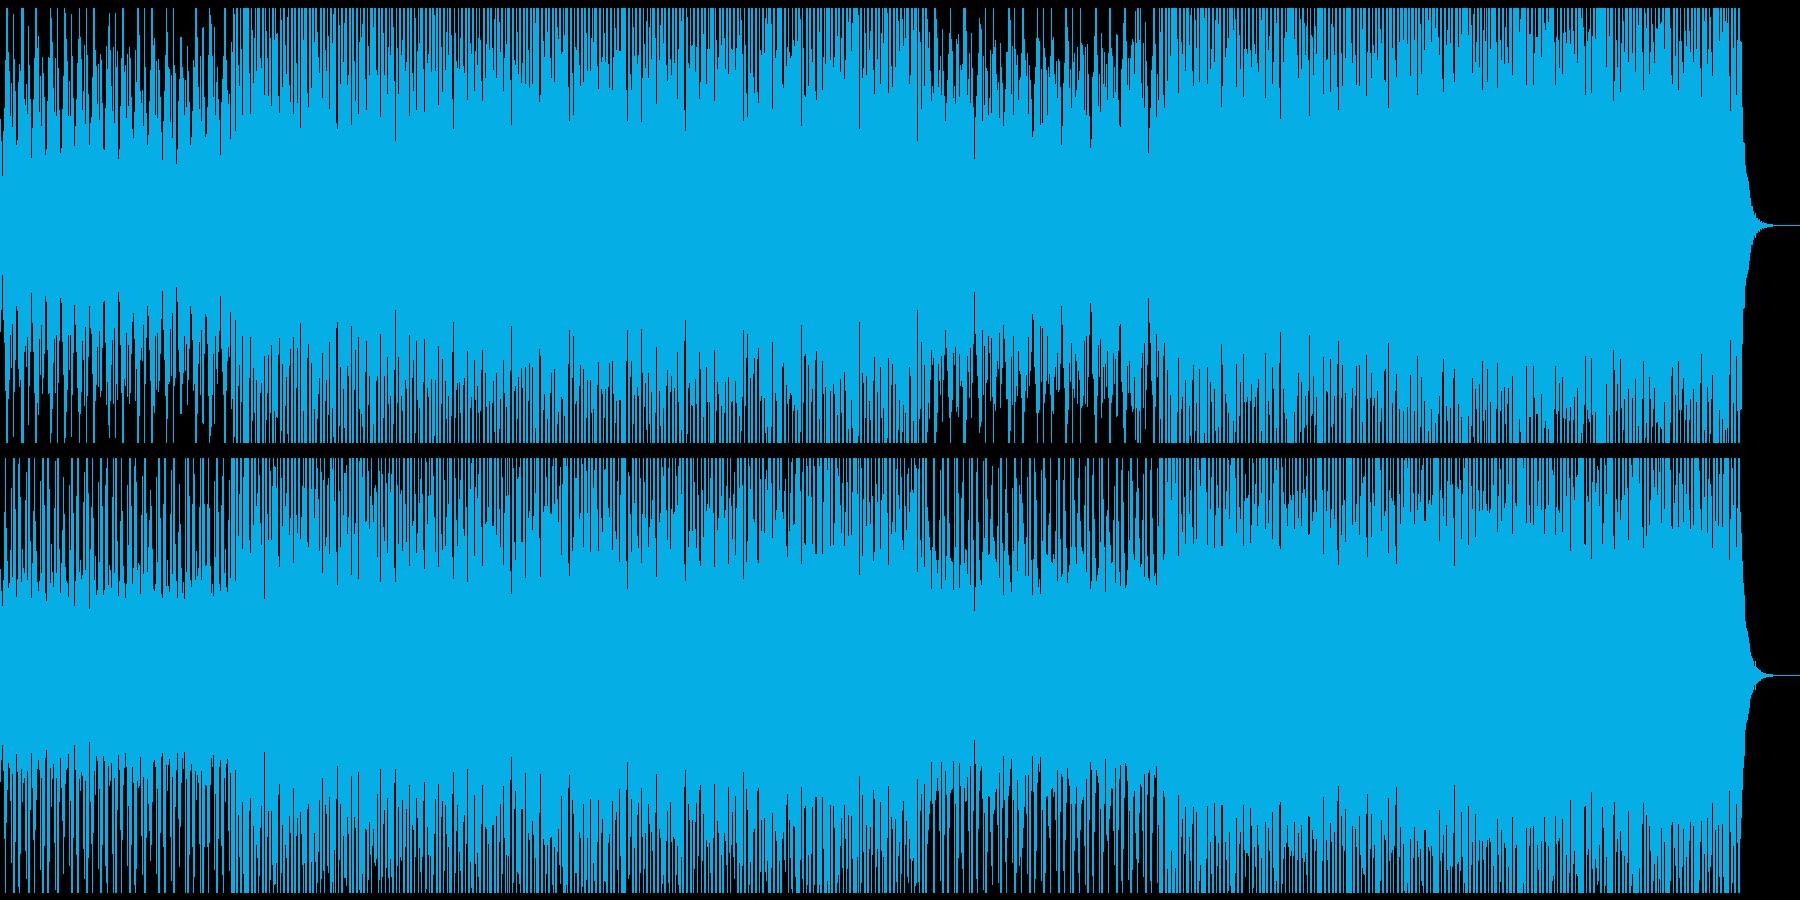 チルアウト系BGM(WAVファイル版)の再生済みの波形